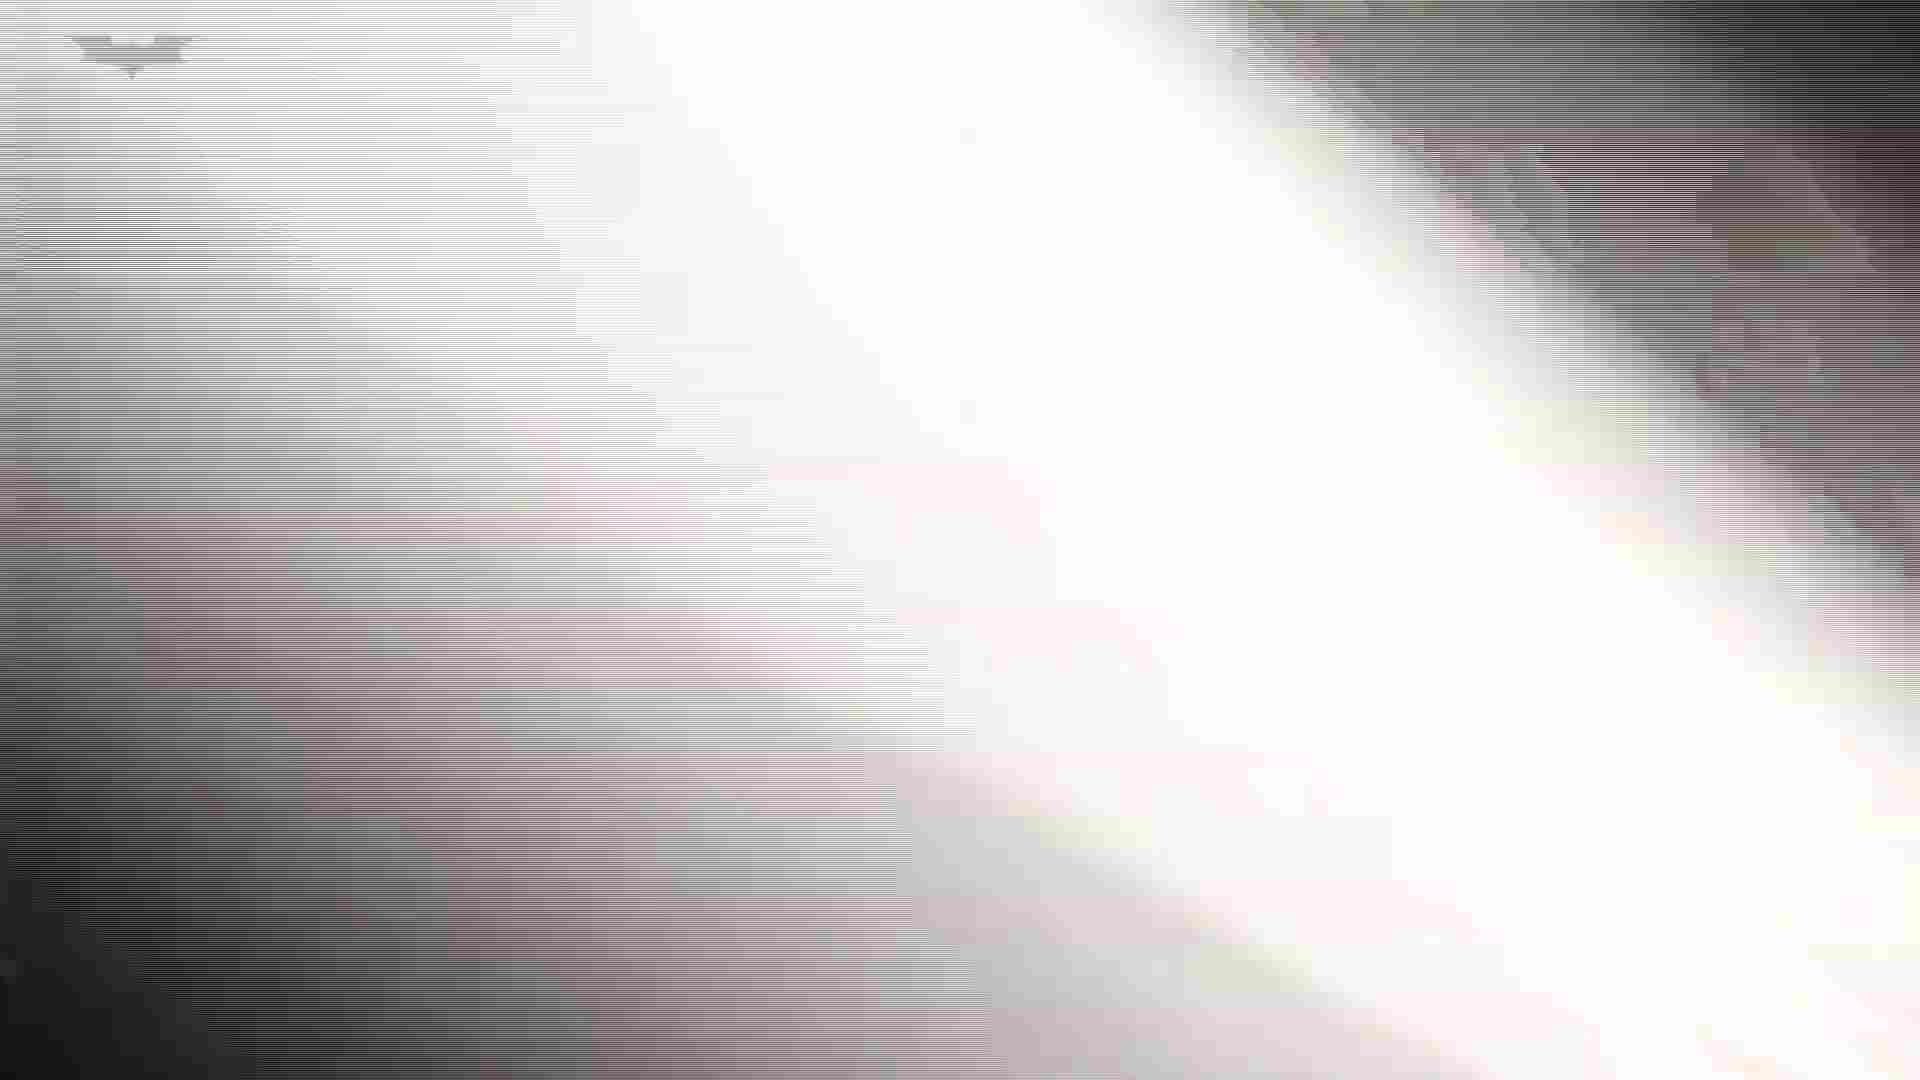 ステーション編 vol46 美女のアップが盛りだくさん。 丸見えマンコ   高画質  51画像 49